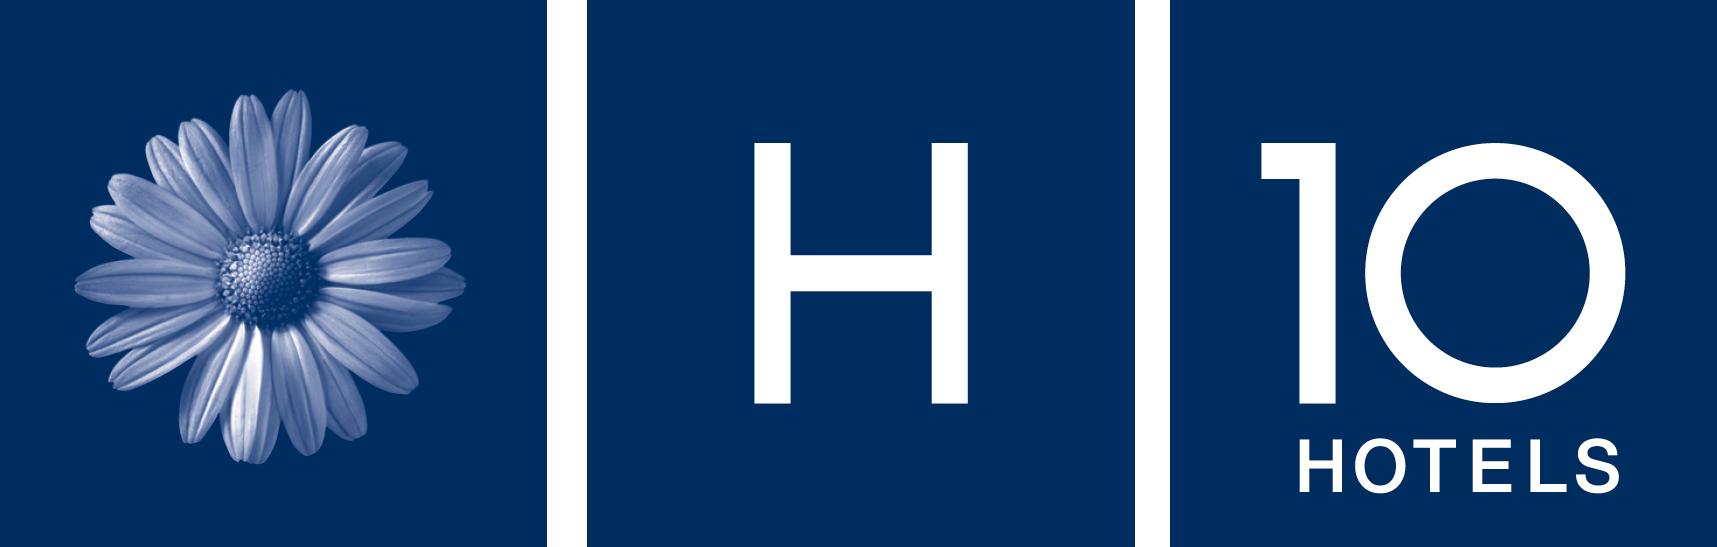 H10 Hotels web